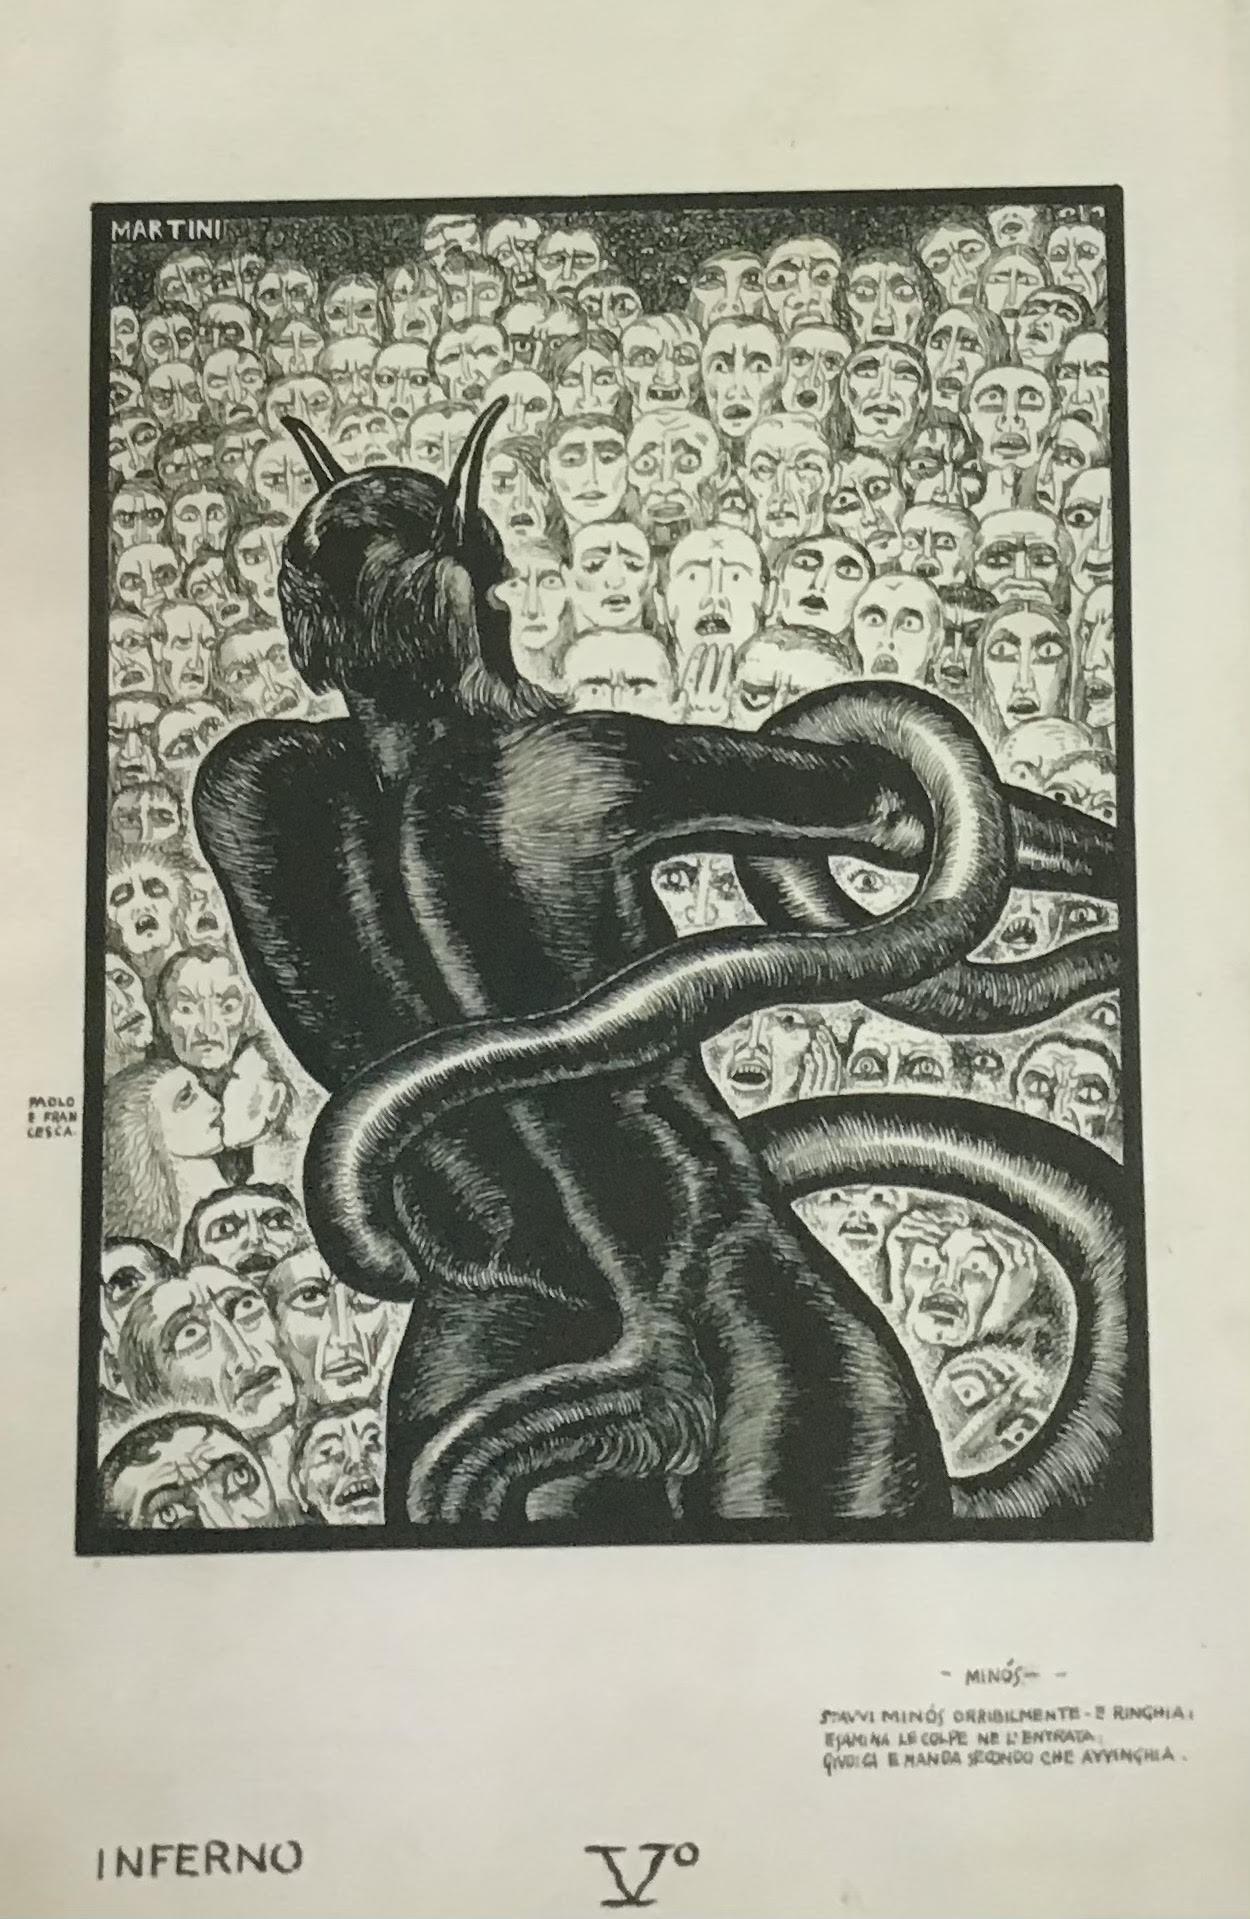 fig. 5 A. Martini,Minosse,(Inferno, V), 1937, Oderzo Cultura - Pinacoteca Alberto Martini